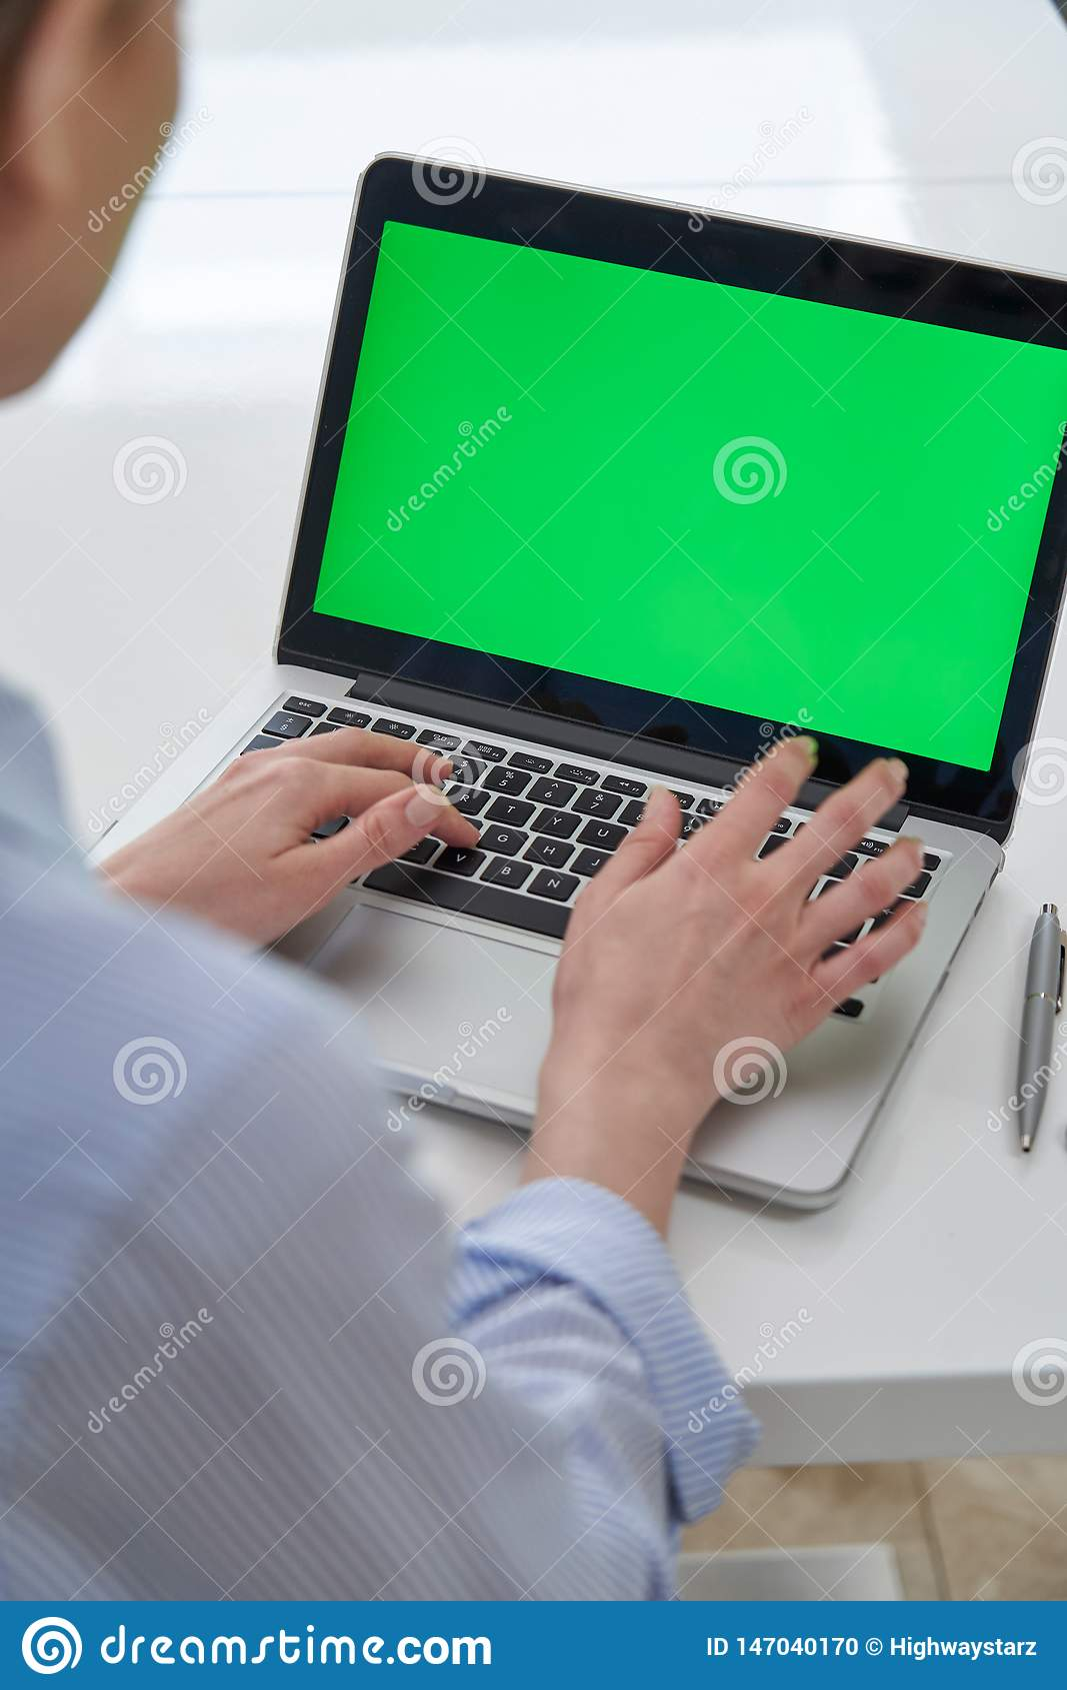 Over The Shoulder Weergeven van Laptop van Onderneemsterusing green screen in Bureau